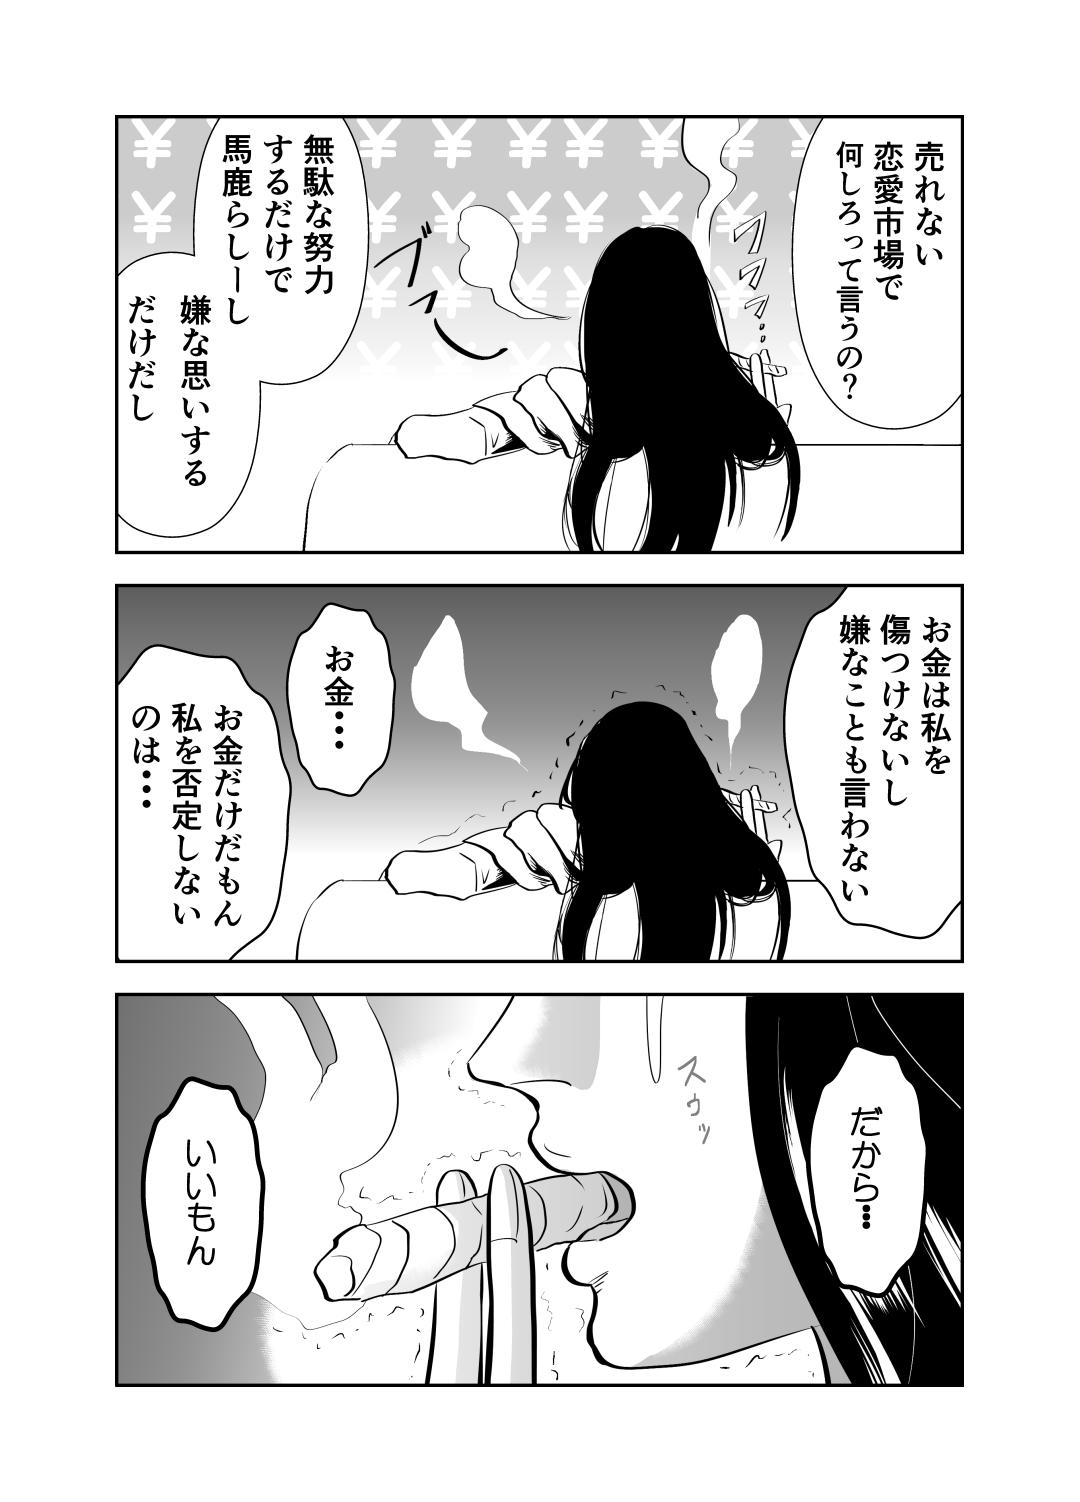 ヤサグレ魔女は人外にモテすぎて夜も眠れない0064-min